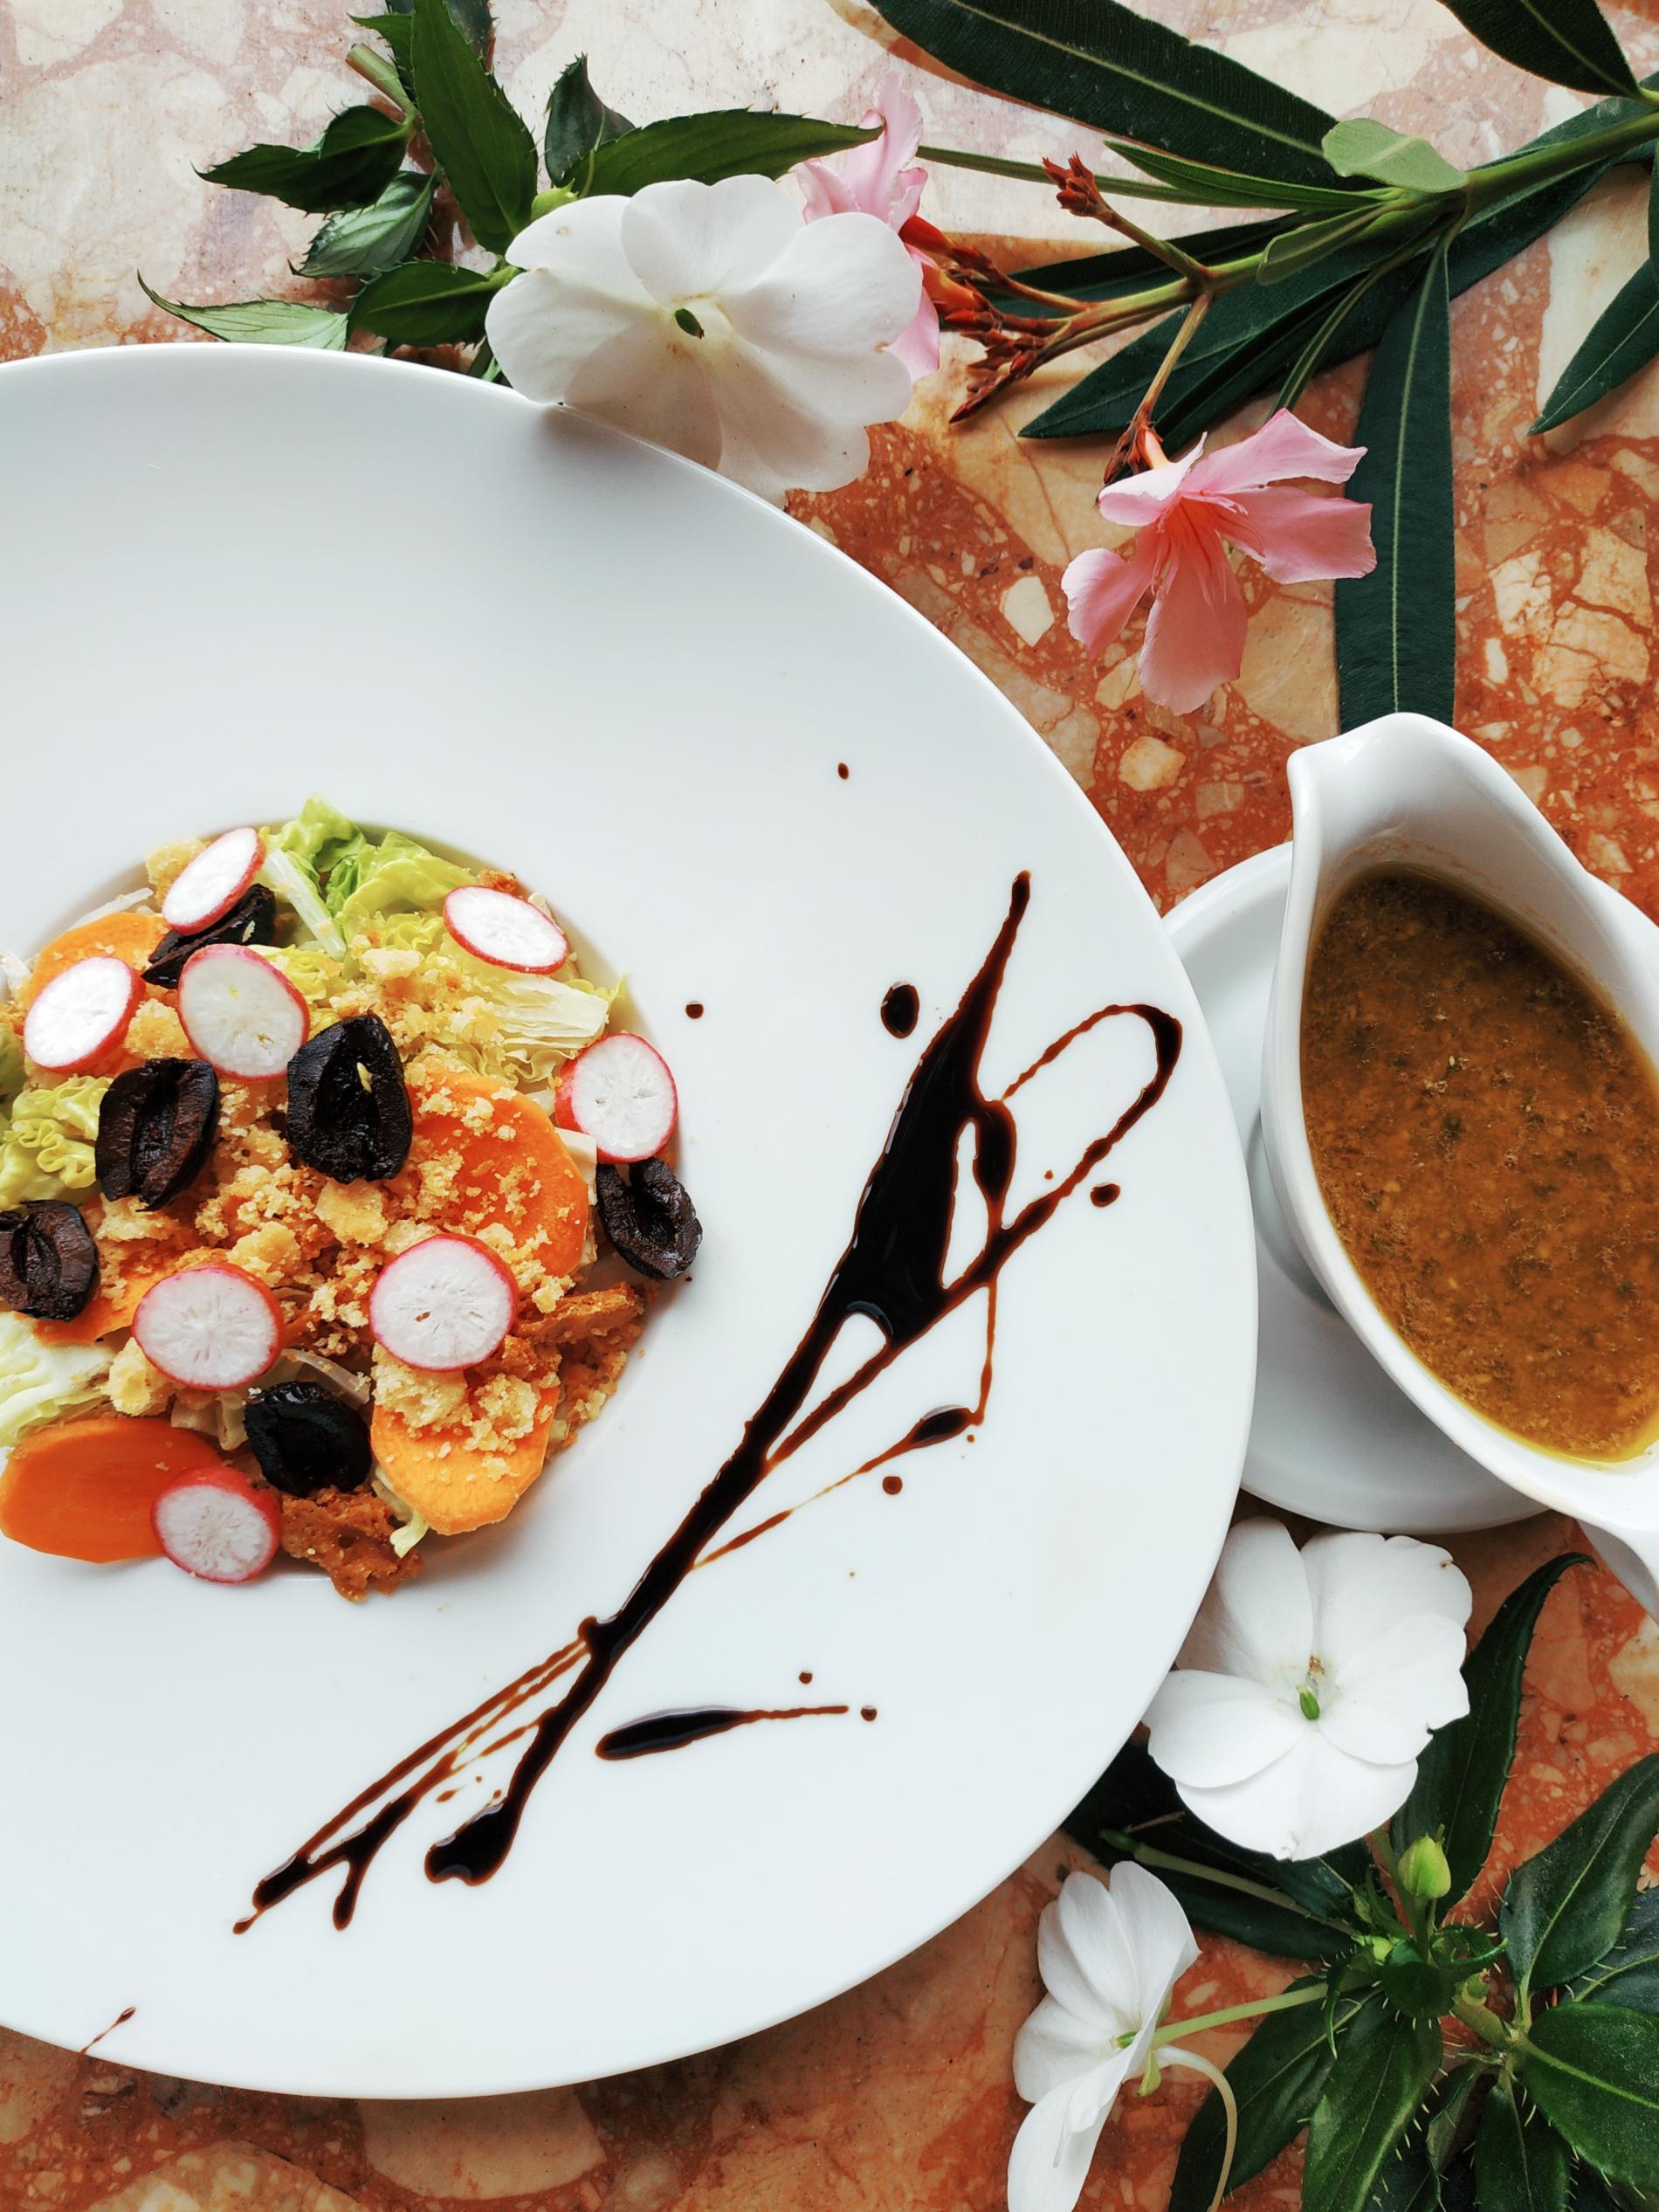 Salade fraîcheur aux légumes, crumble au parmesan et pistou